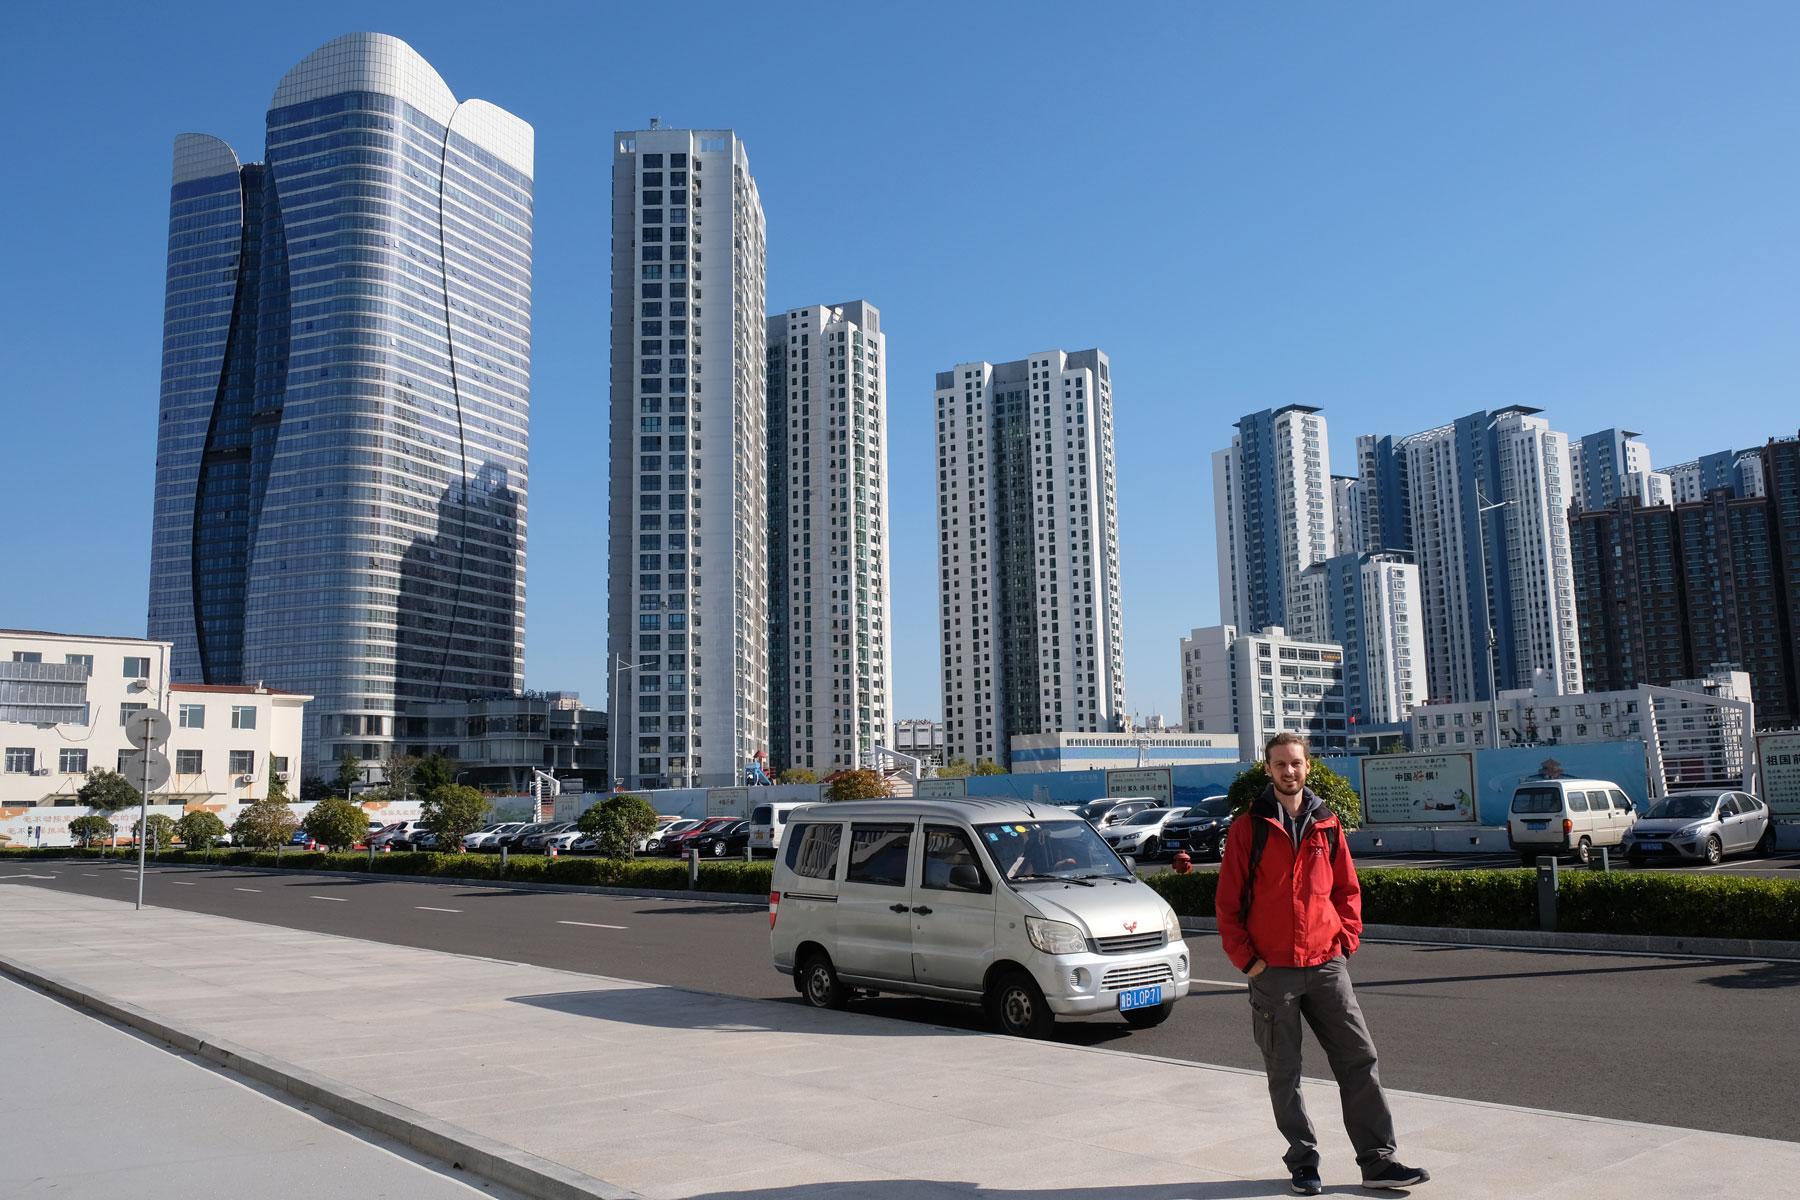 Sebastian steht vor einigen Hochhäusern Qingdaos in China.